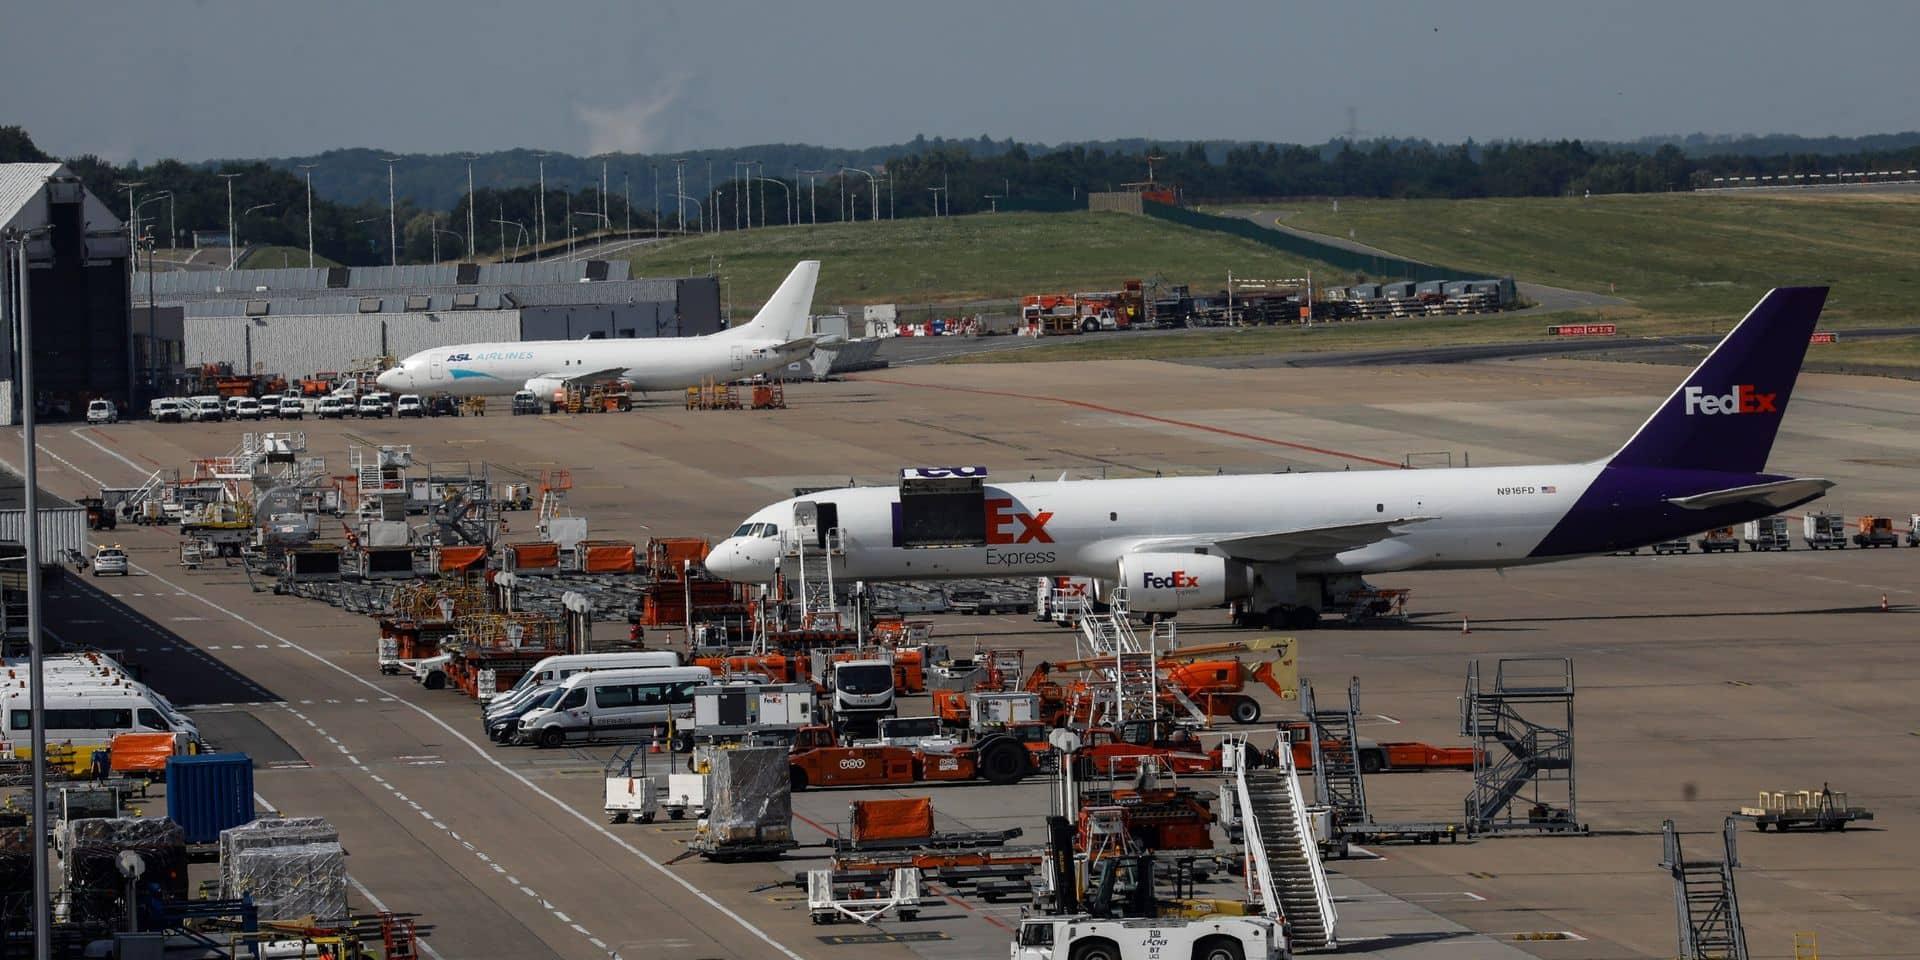 La commune d'Awans ira en justice contre Liege Airport